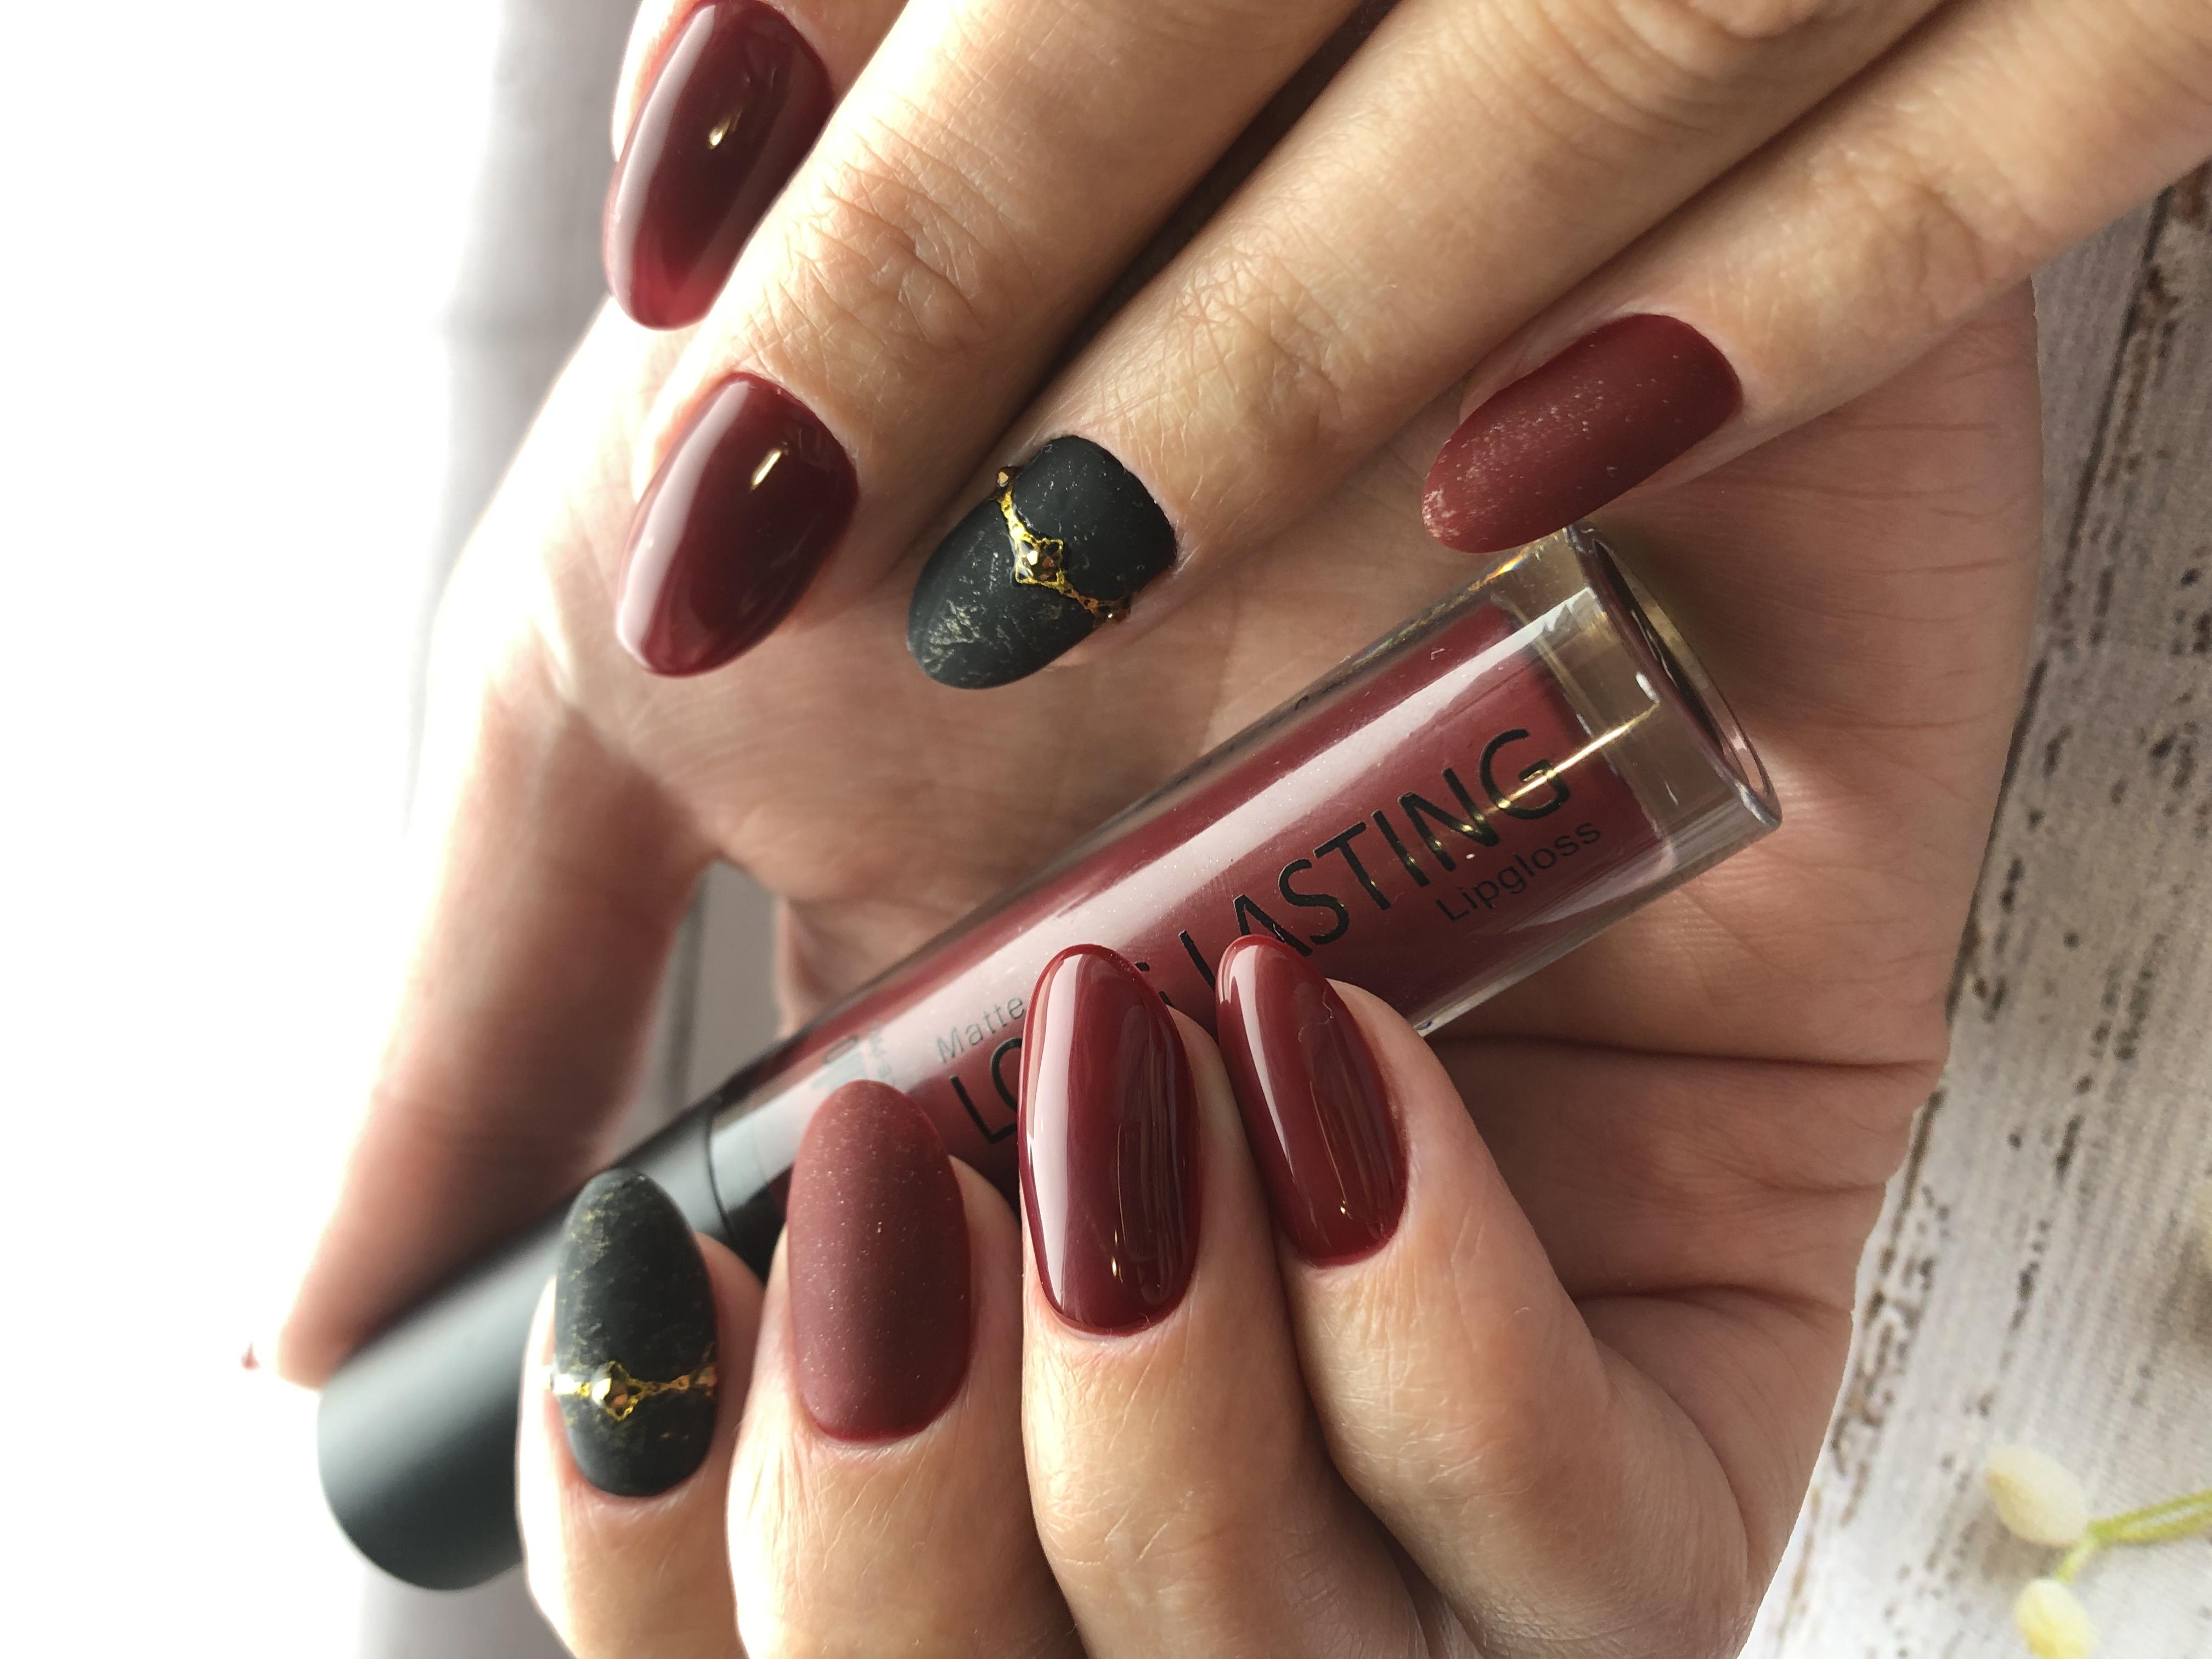 Маникюр с матовым дизайном и стразами в темно-красном цвете на длинные ногти.